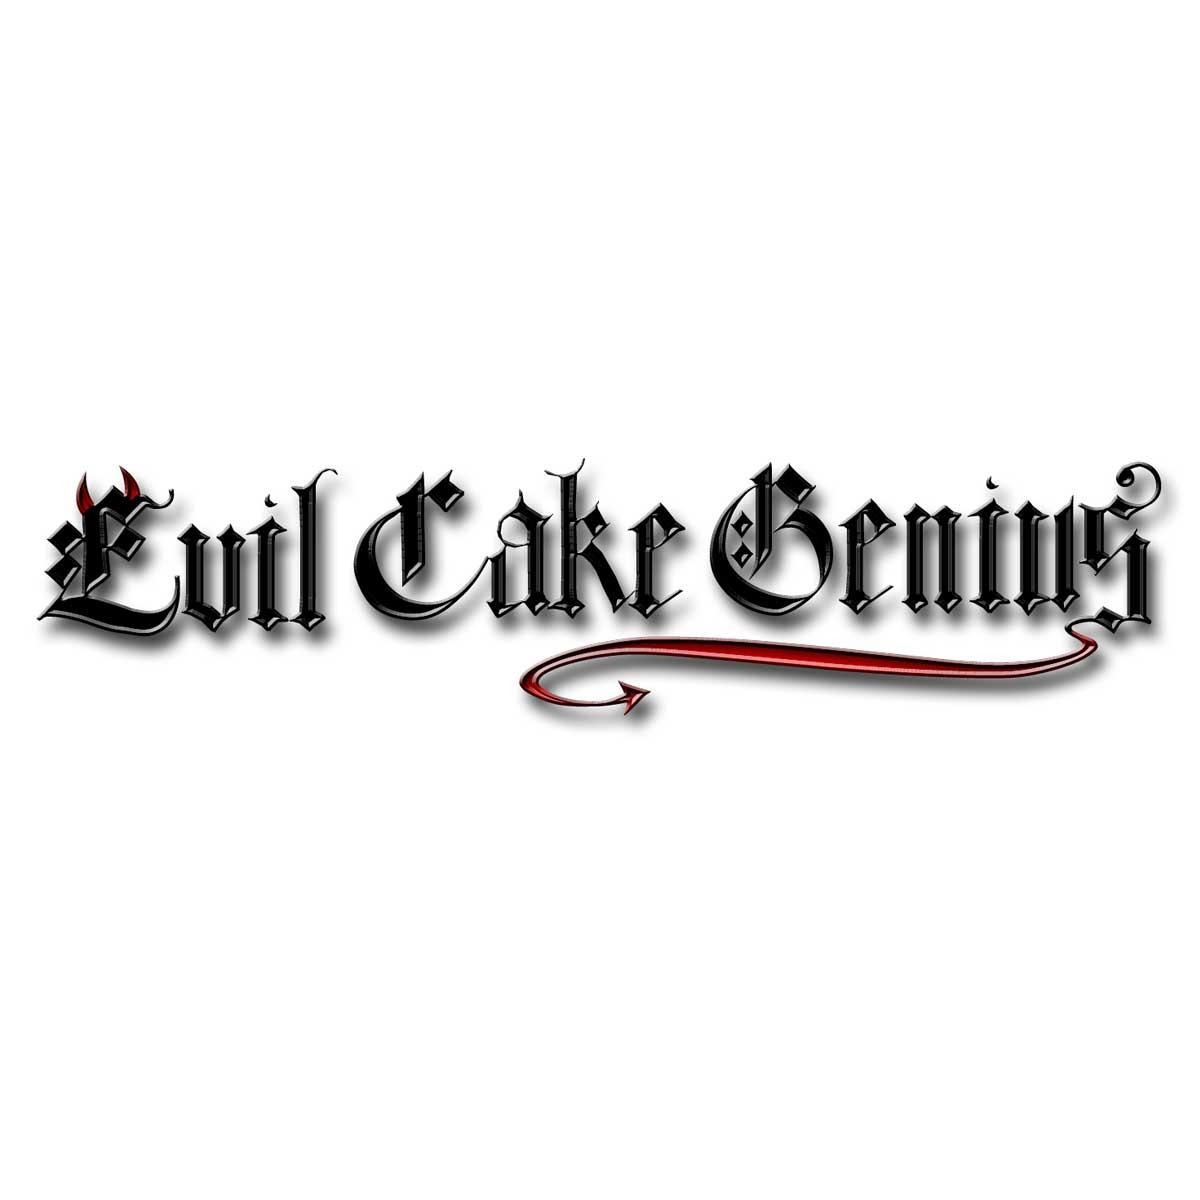 White stuff gateaux apron - Bakers Gonna Bake Apron